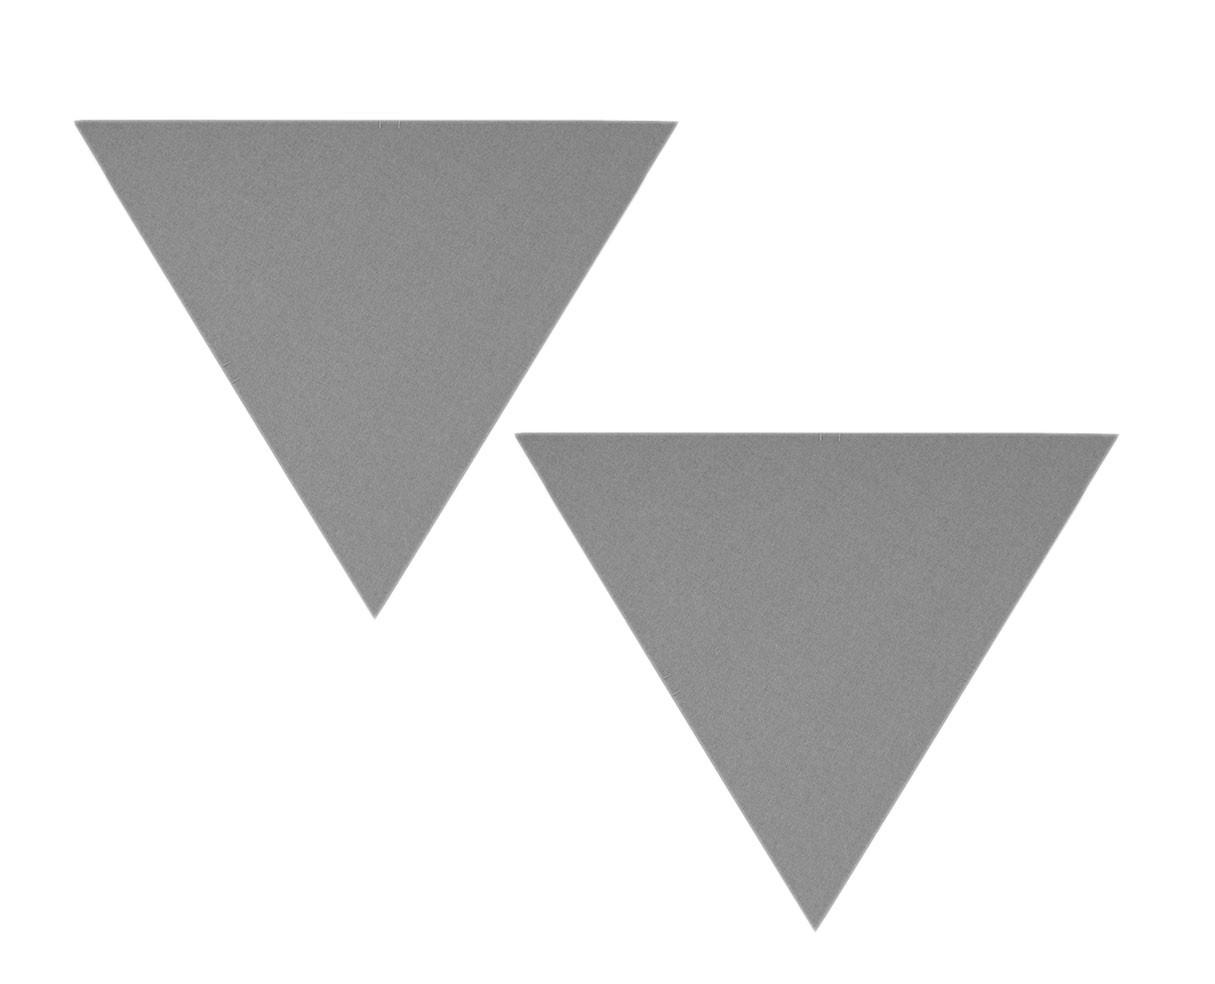 Primacoustic Cumulus (Gray Pair)